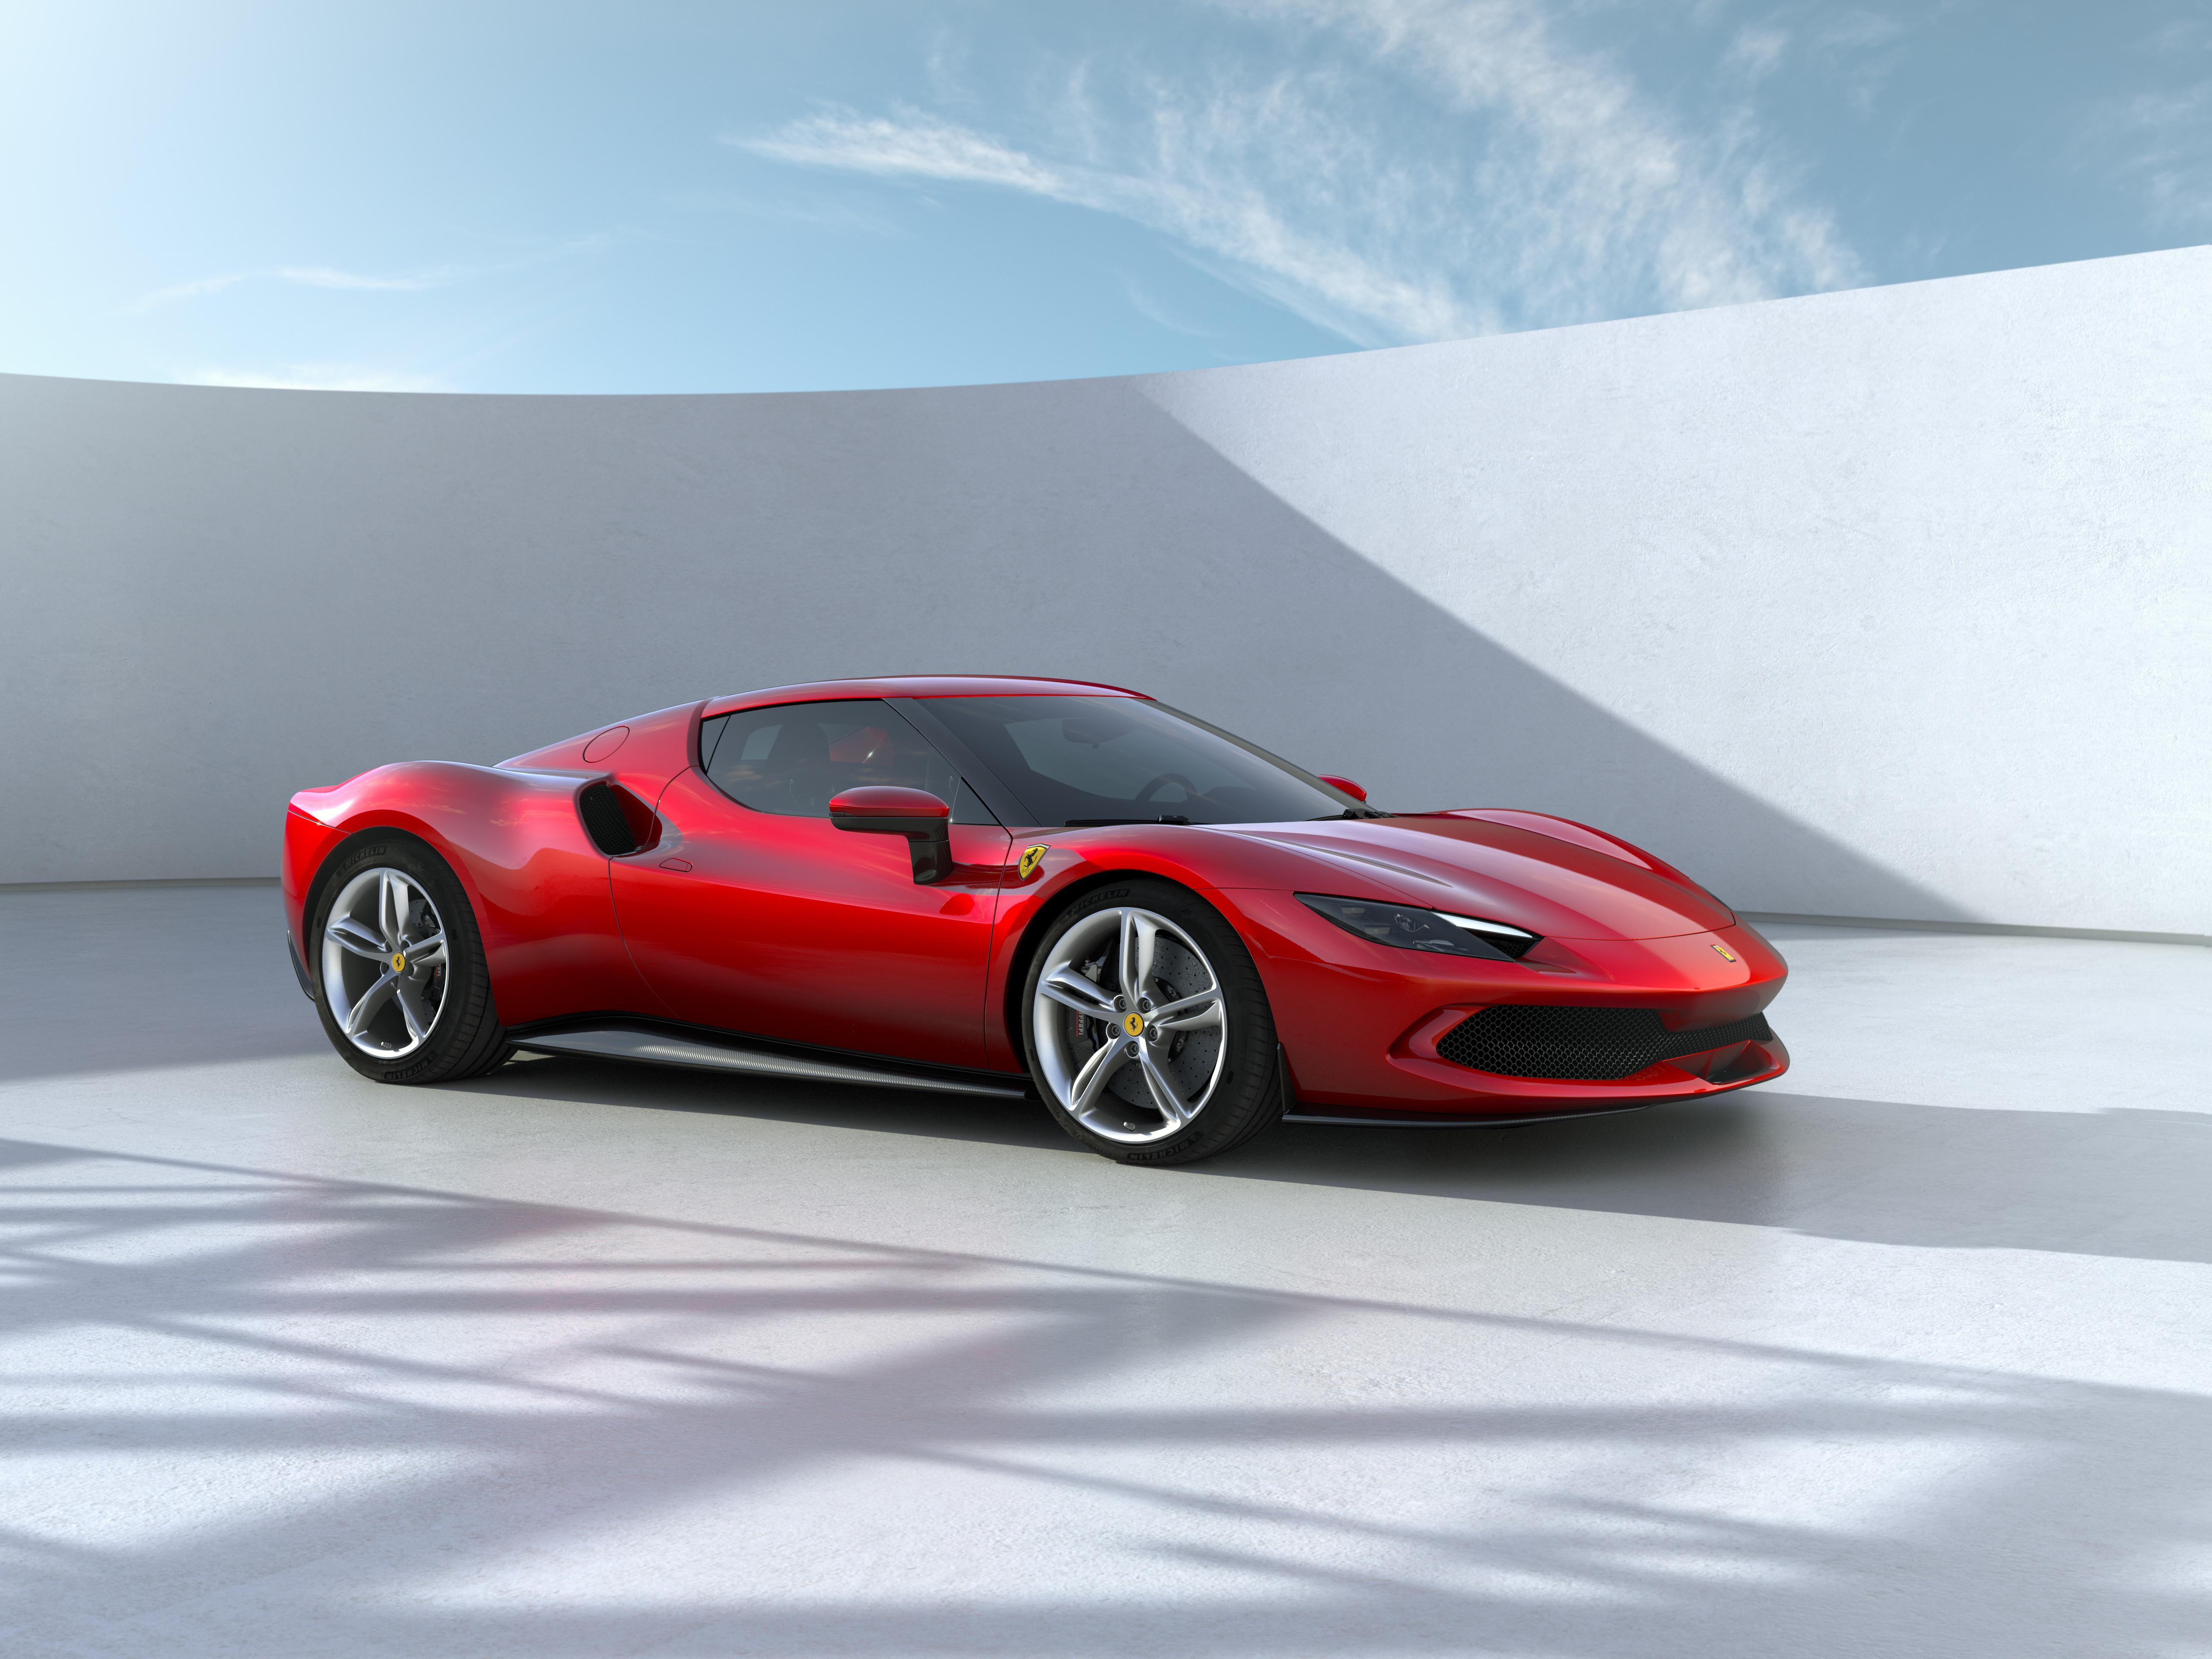 Ferrari ha svelato la 296 GTB, la nuova berlinetta sport del Cavallino Rampante&nbsp;a motore centrale-posteriore. Sotto il cofano un V6 ibrido in grado di erogare fino a 830 cv. Disponibile anche in Assetto Fiorano, volto a estremizzare le prestazioni.&nbsp;<br /><br />